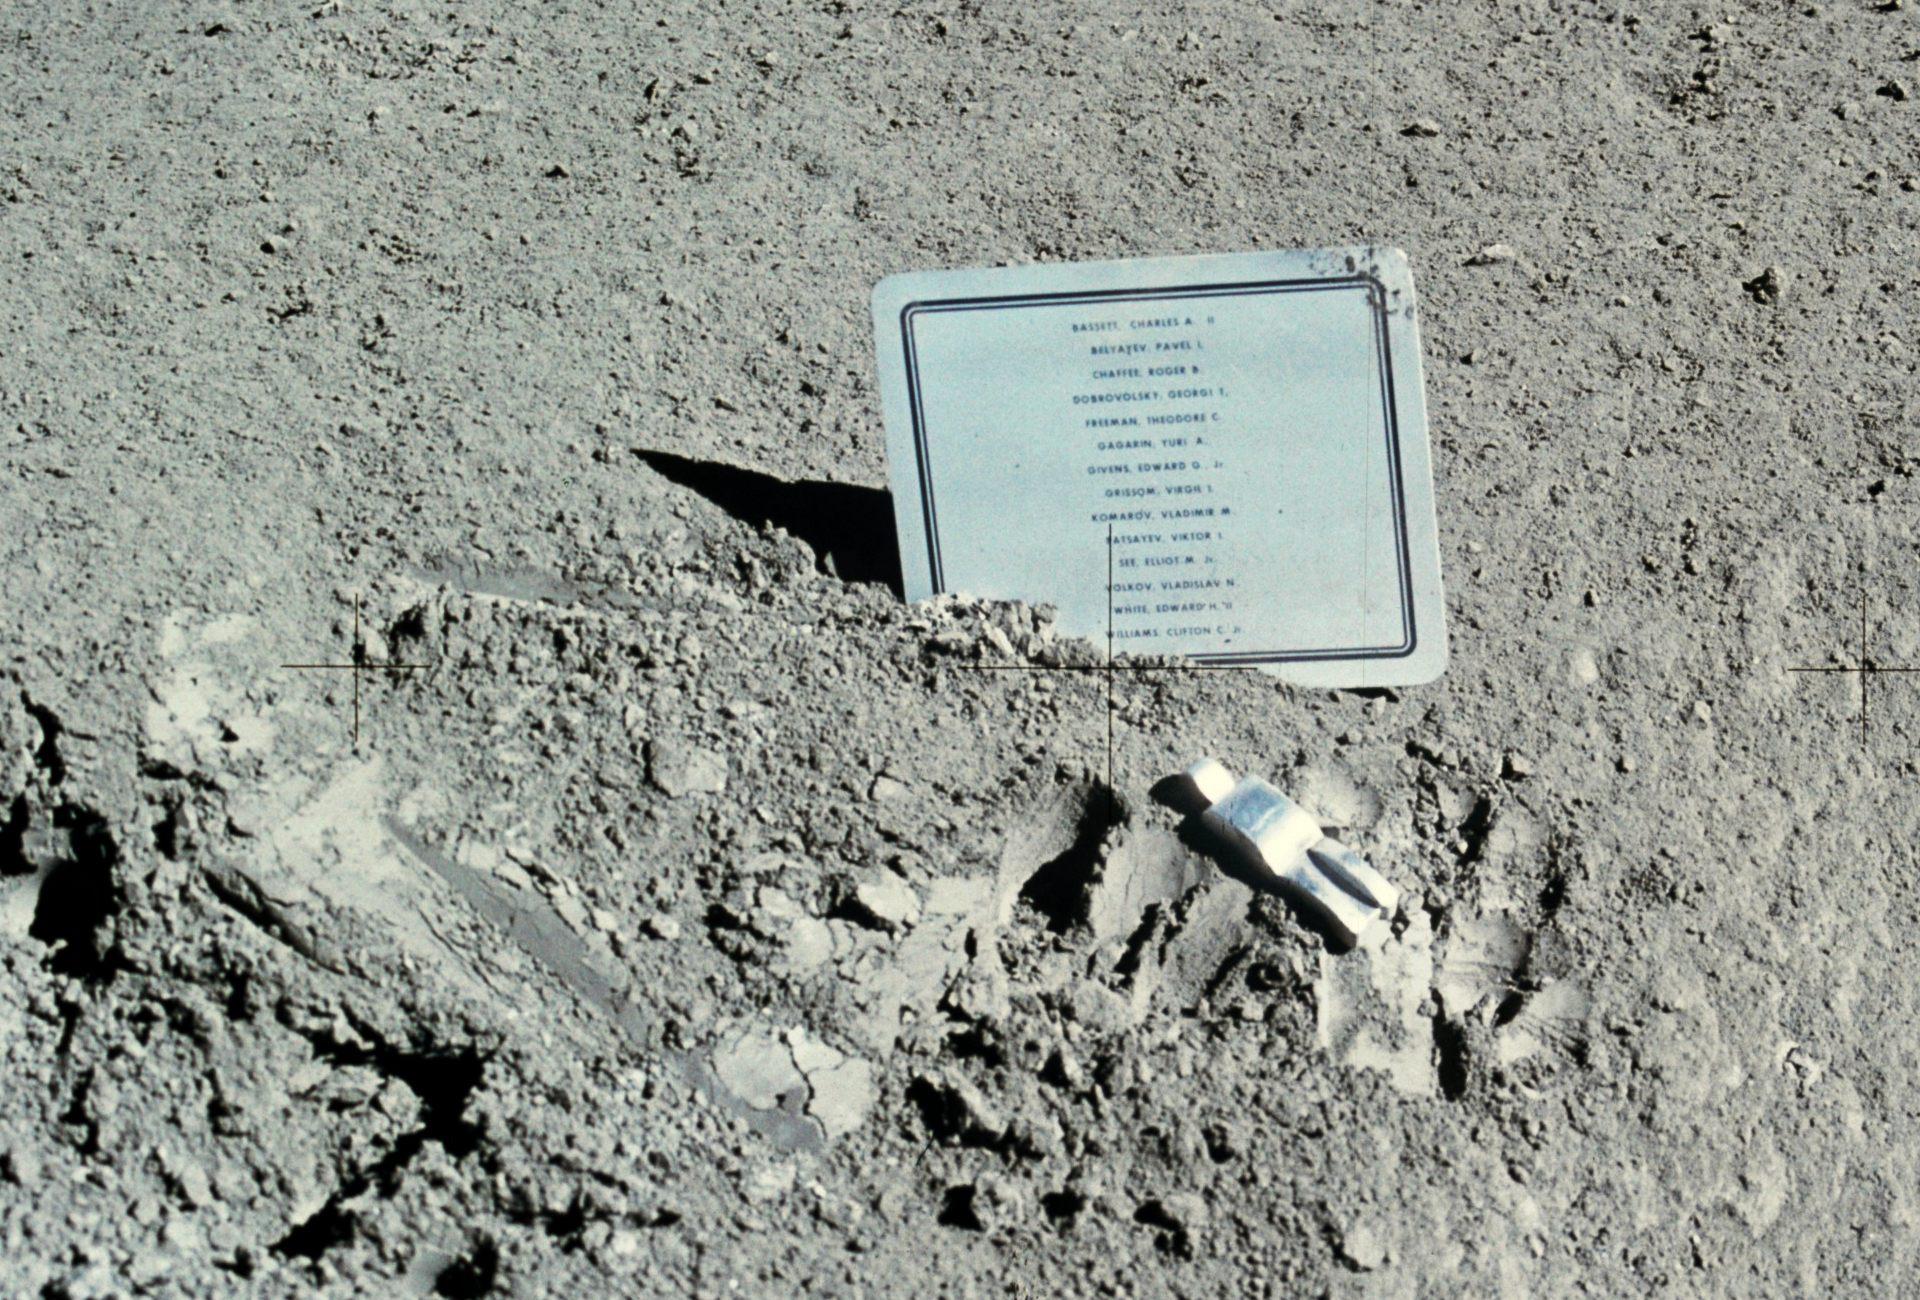 Fallen Astronaut - Drames et accidents dans l'espace - Lune - Moon - Apollo 15 - NASA